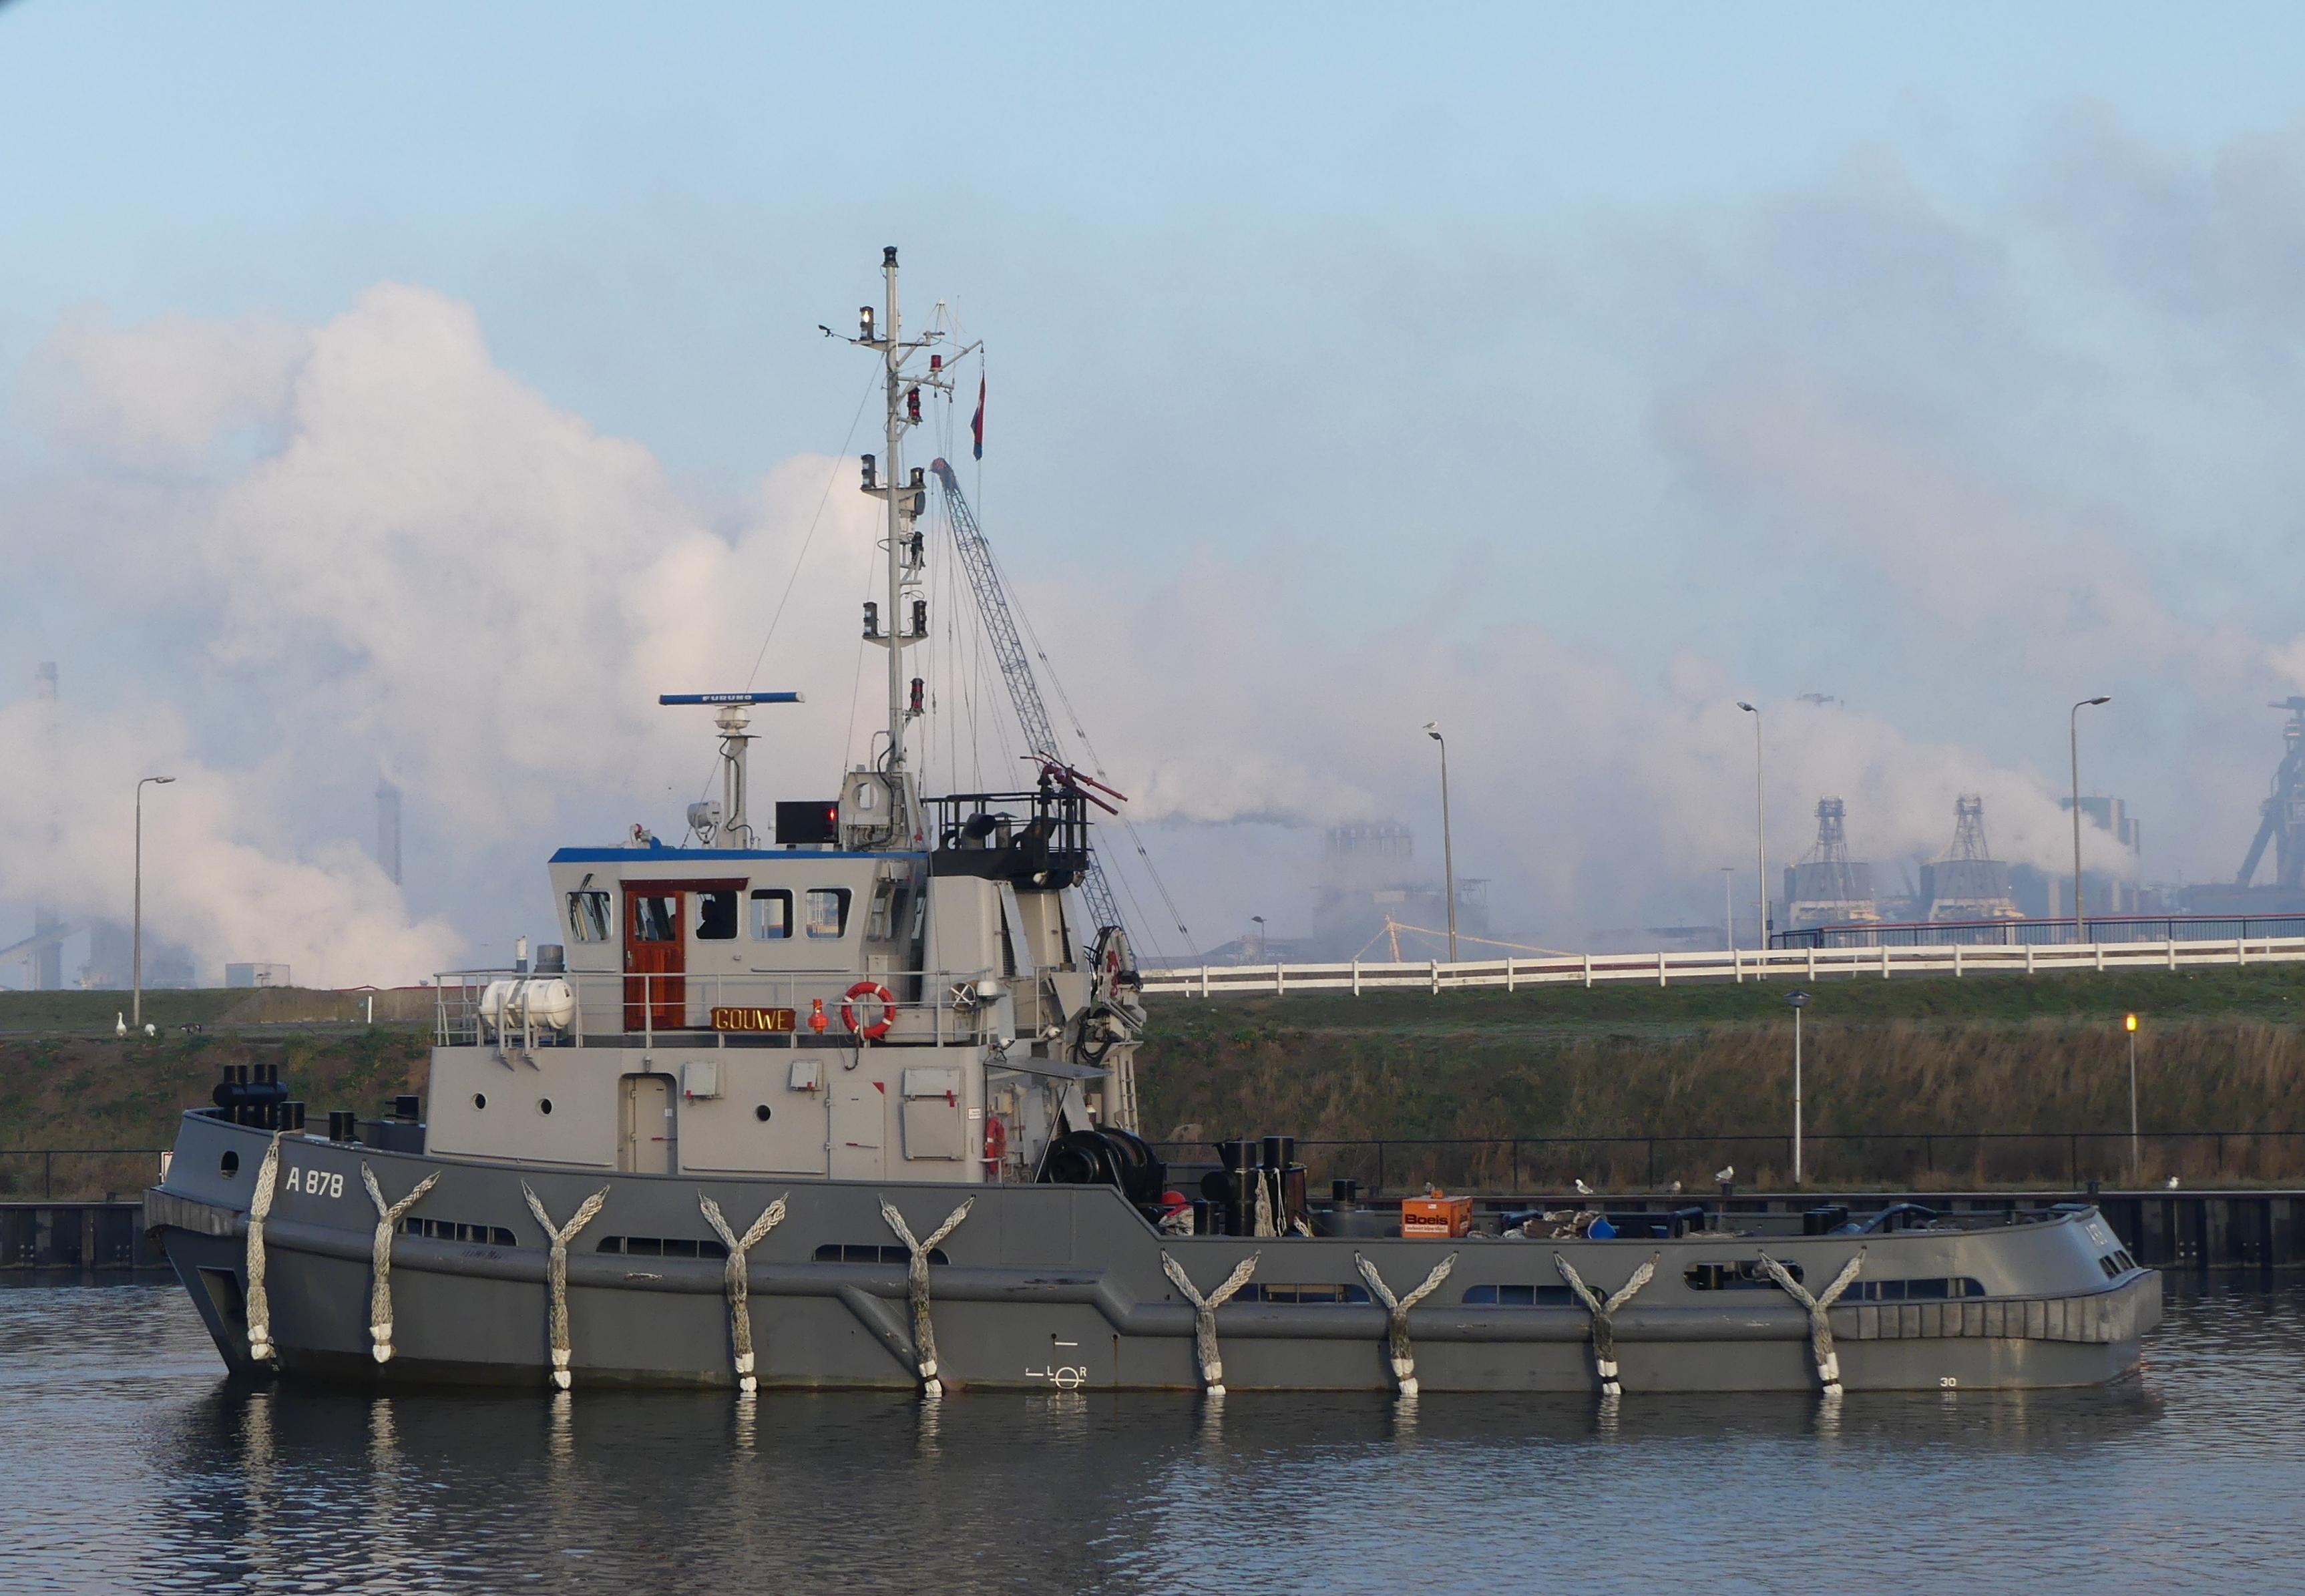 Havenslepers - Les remorqueurs portuaires 2588525